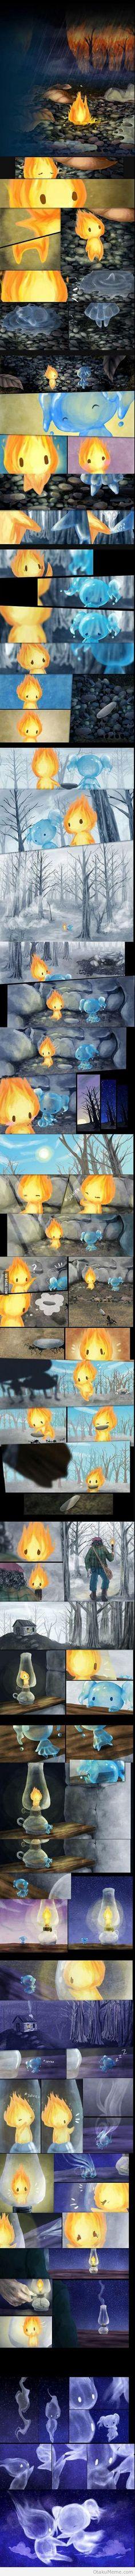 historia corta de fuego y lluvia